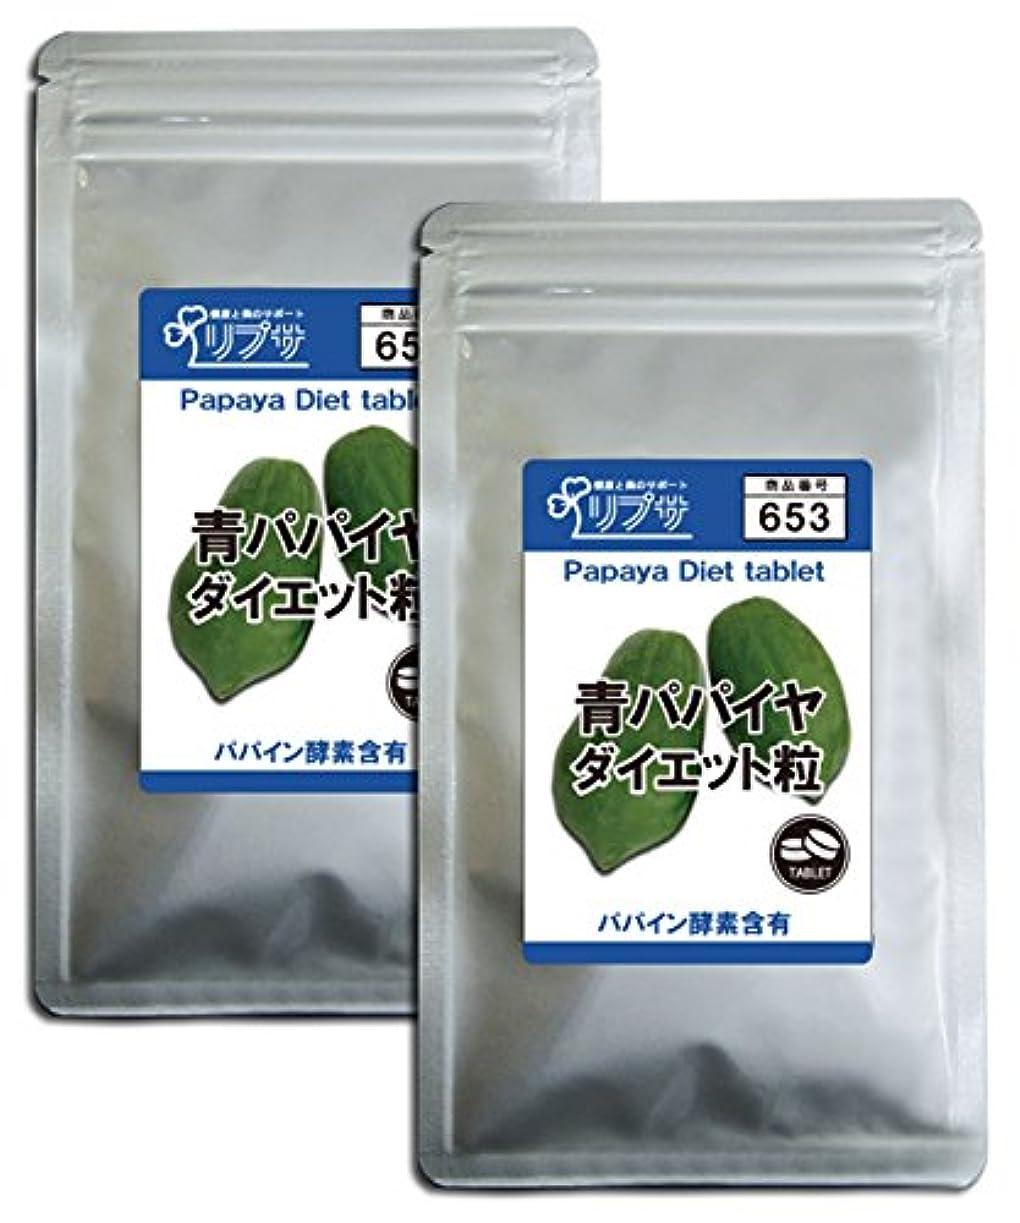 葉っぱ有効化突撃青パパイヤダイエット粒 約3か月分×2袋 T-653-2